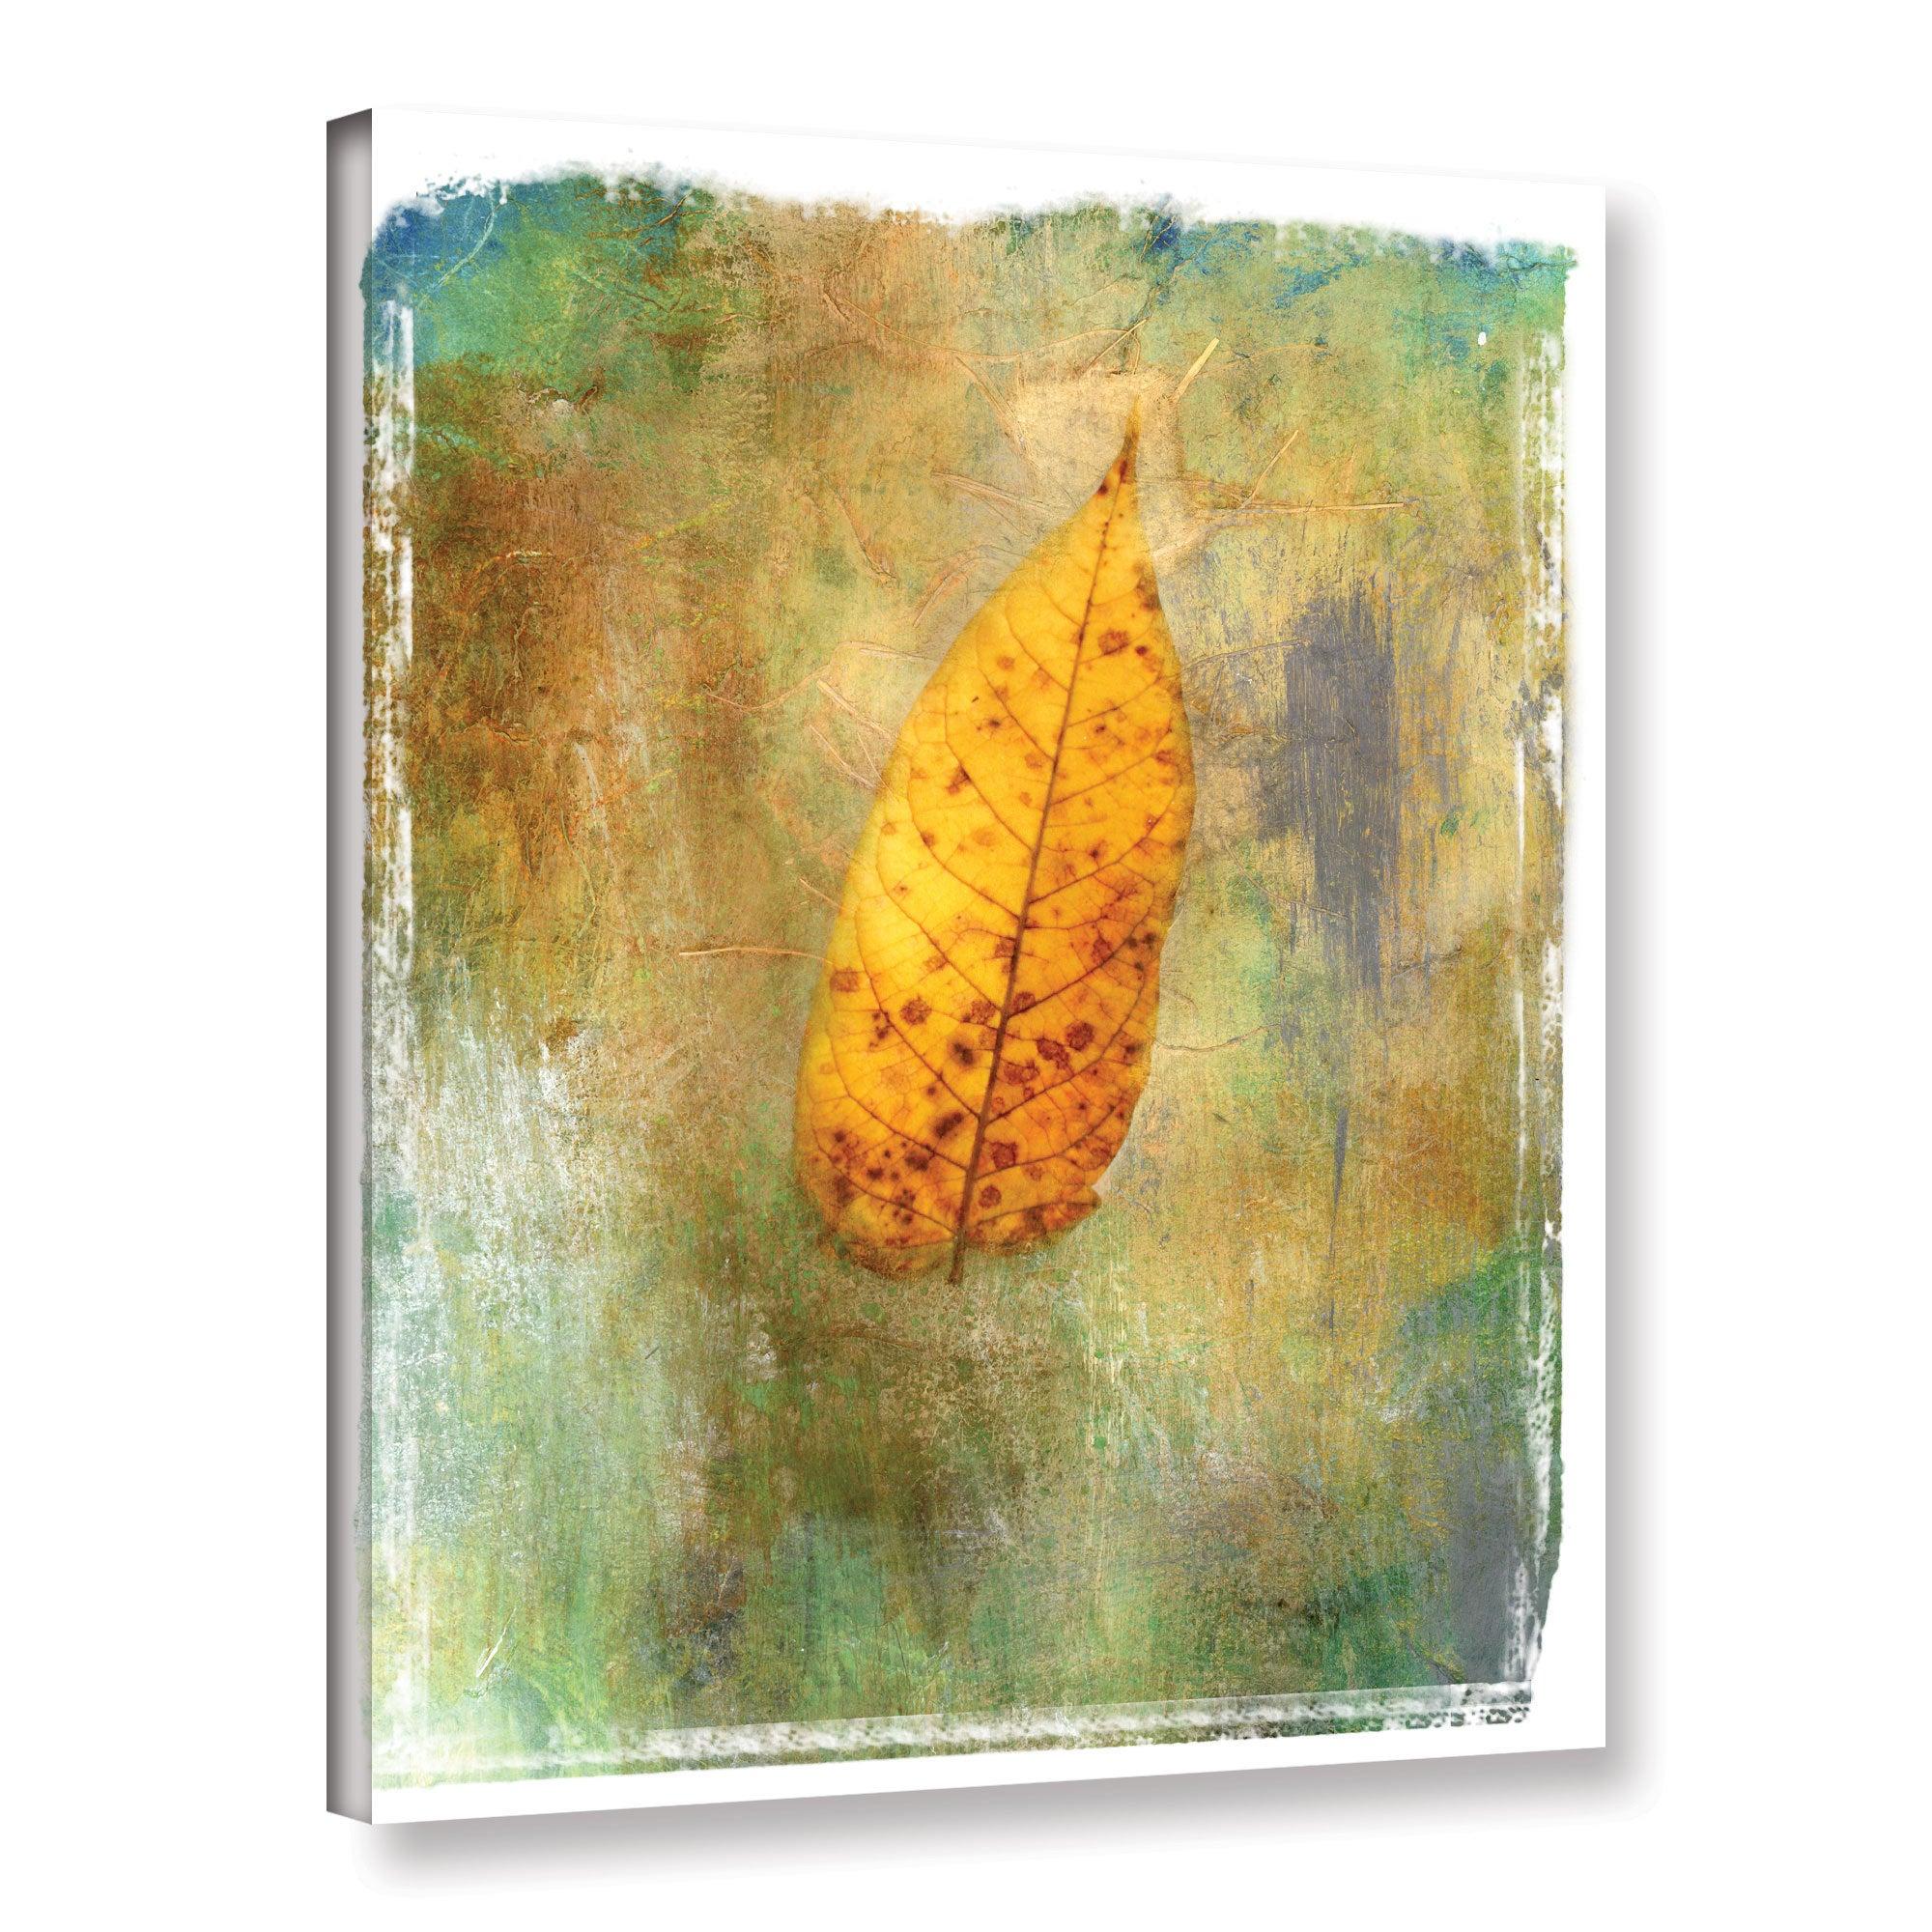 ArtWall Leaf II Gallery Wrapped Canvas Art by Elena Ray 18 X 24 | eBay